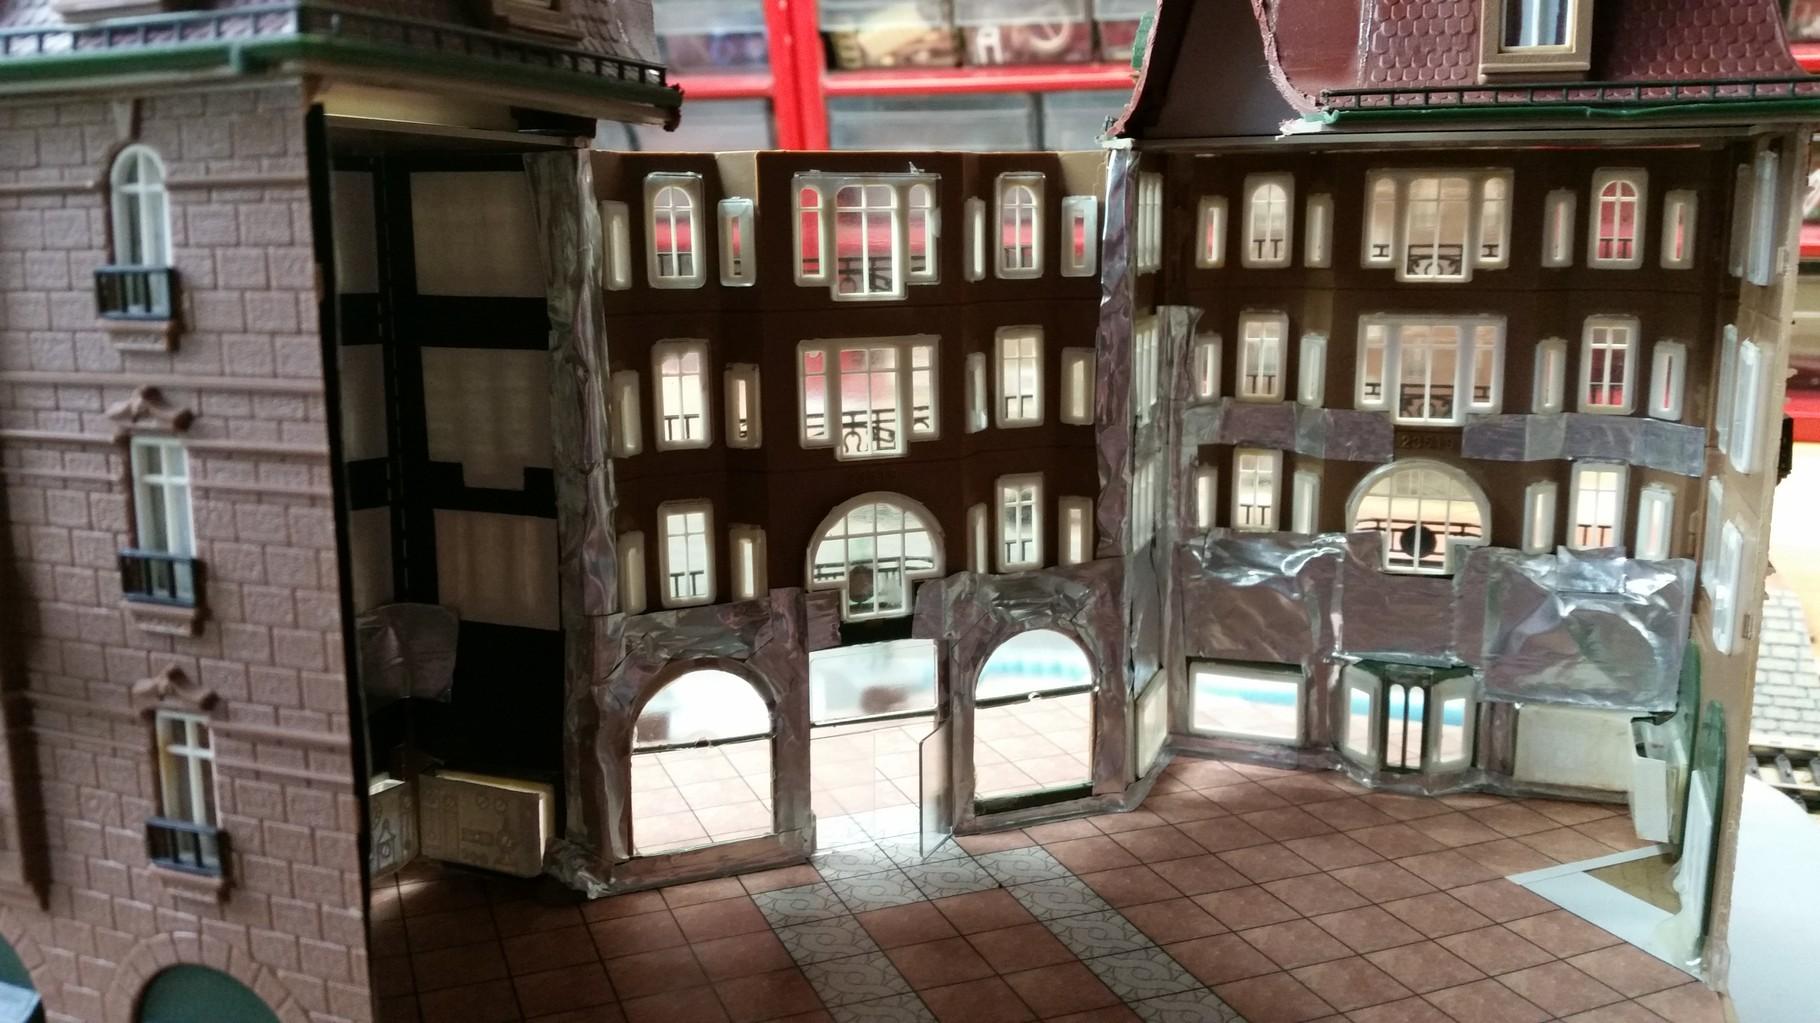 Da das Gebäude von innen mit viel Beleuchtung ausgestattet wird ist es wichtig, dass das Licht nicht durch die Wände durchstrahlt. Dafür verwende ich Aluklebeband, dies klebt sehr stark, lässt sich gut zuschneiden und lässt absolut kein Licht durch :)